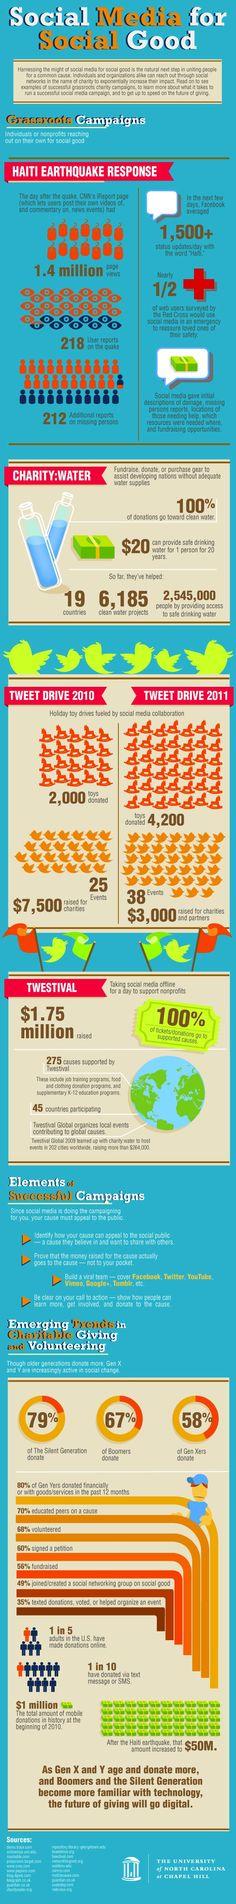 Infographic: Social Media for Social Good